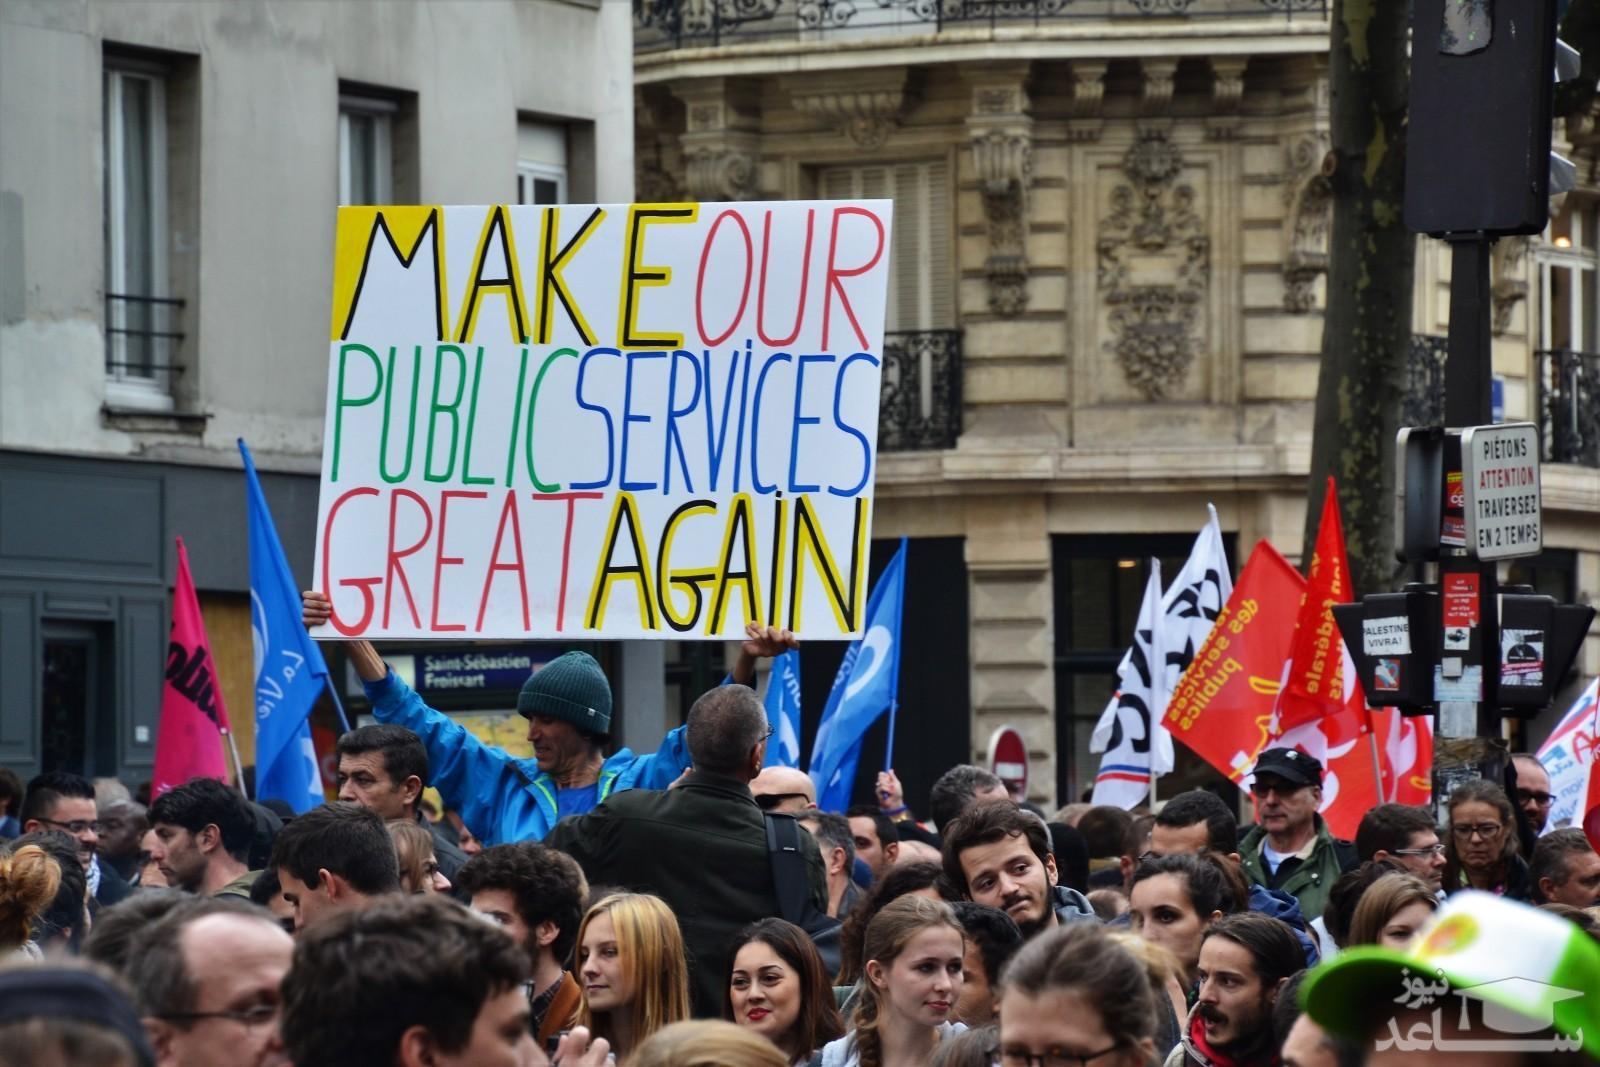 تظاهرات مردم فرانسه برای مبارزه با تغییرات آب و هوایی